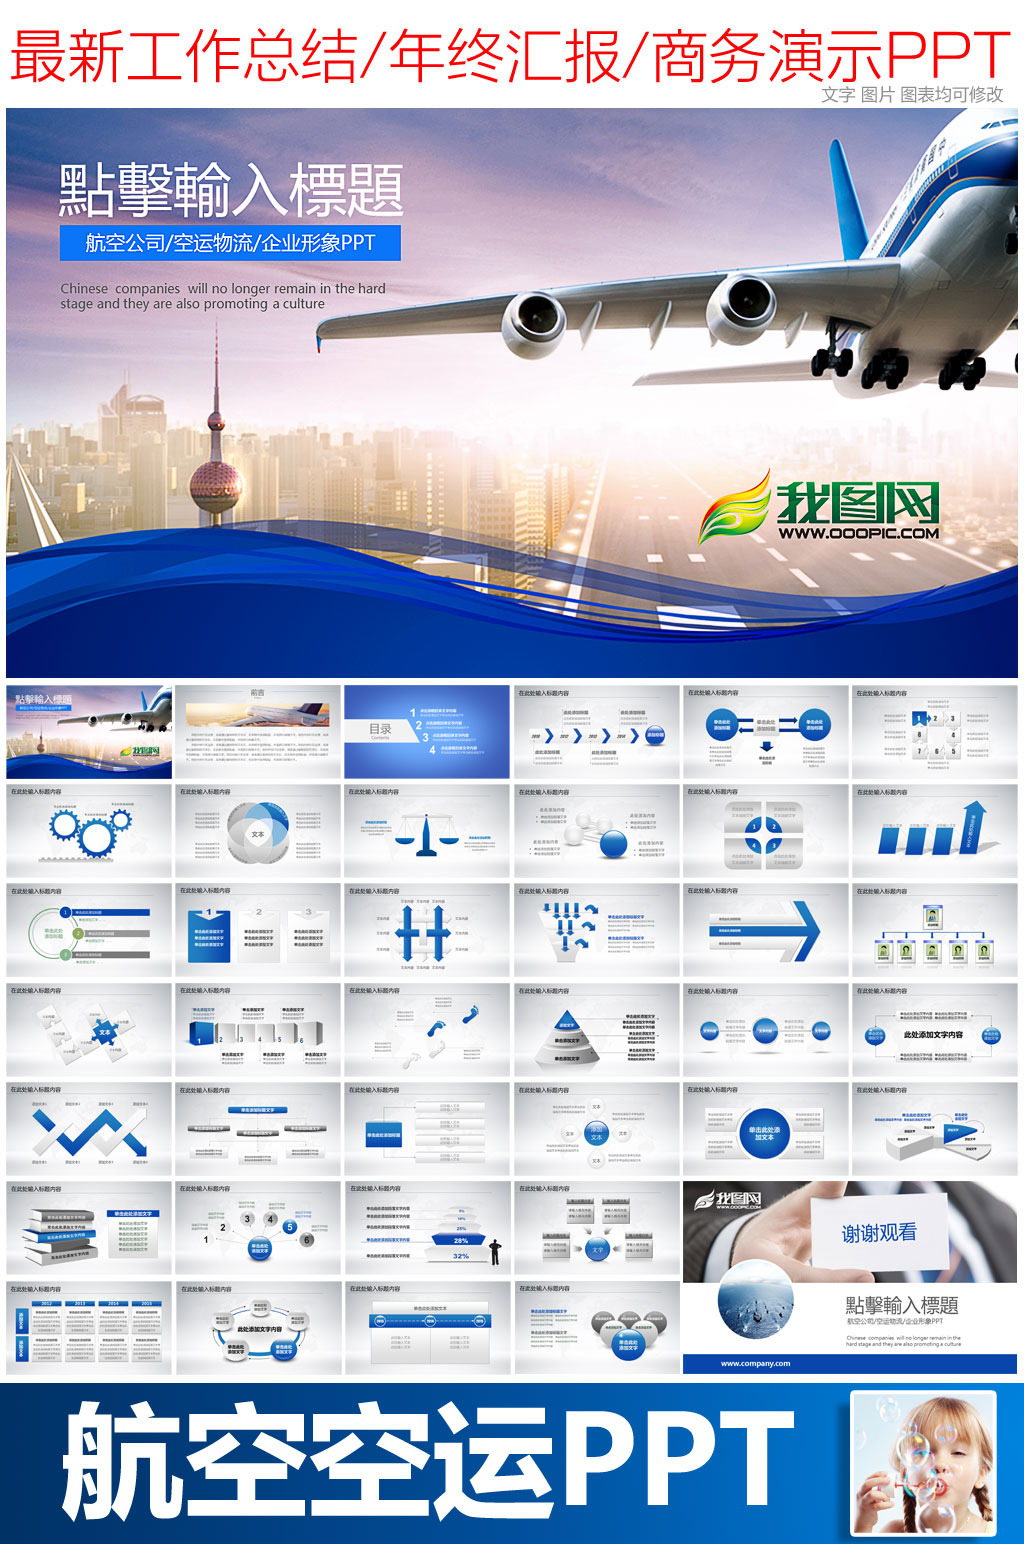 航空公司动态ppt飞机空运物流模板